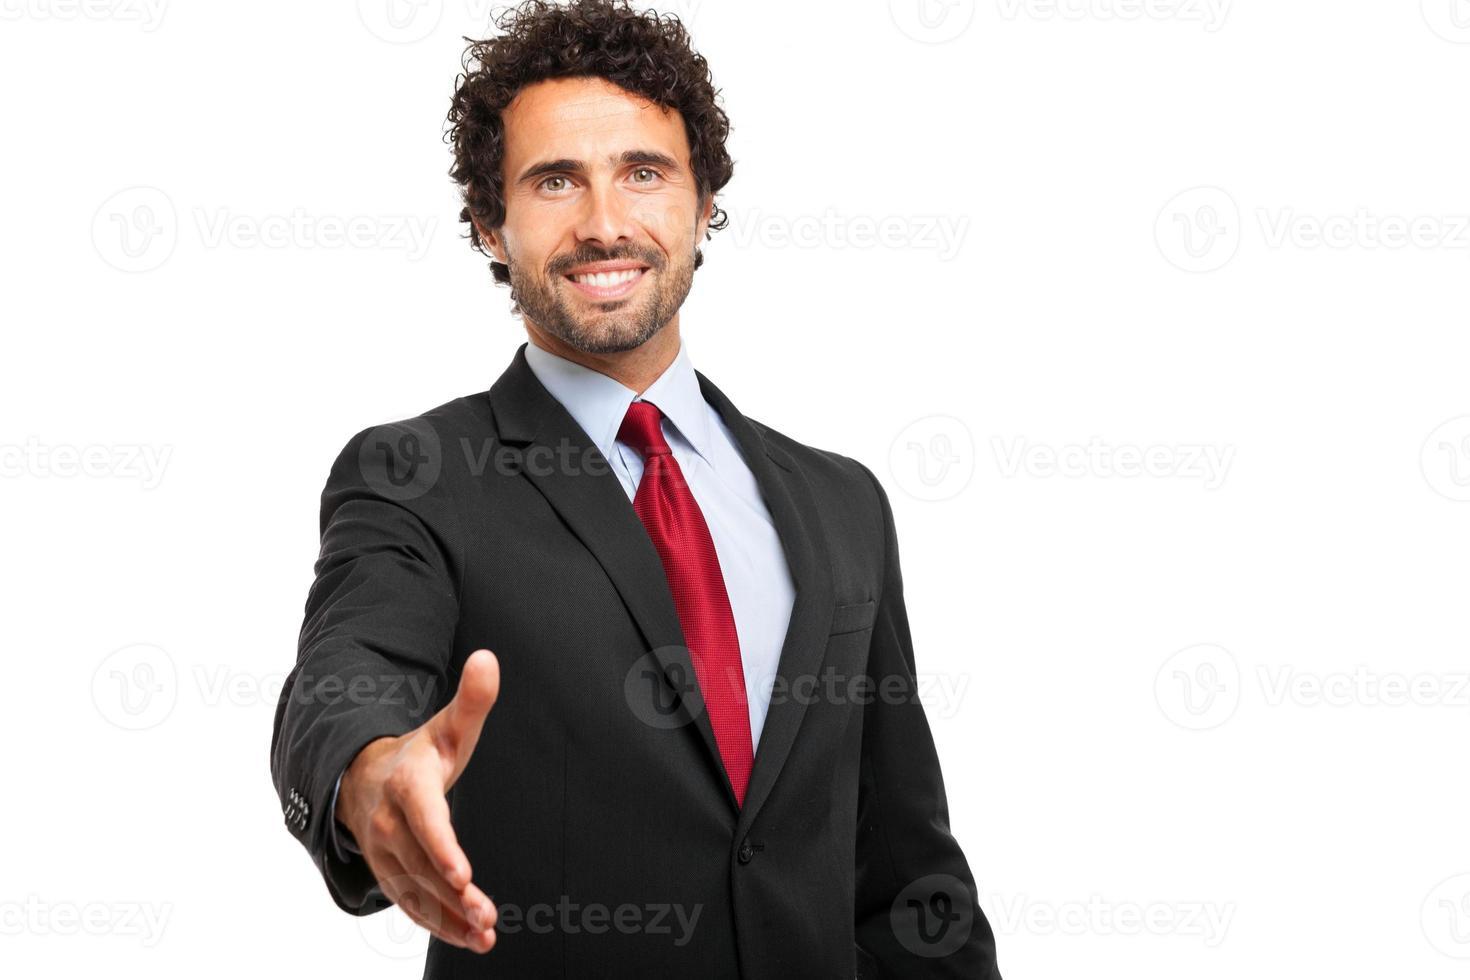 empresario dando su mano foto